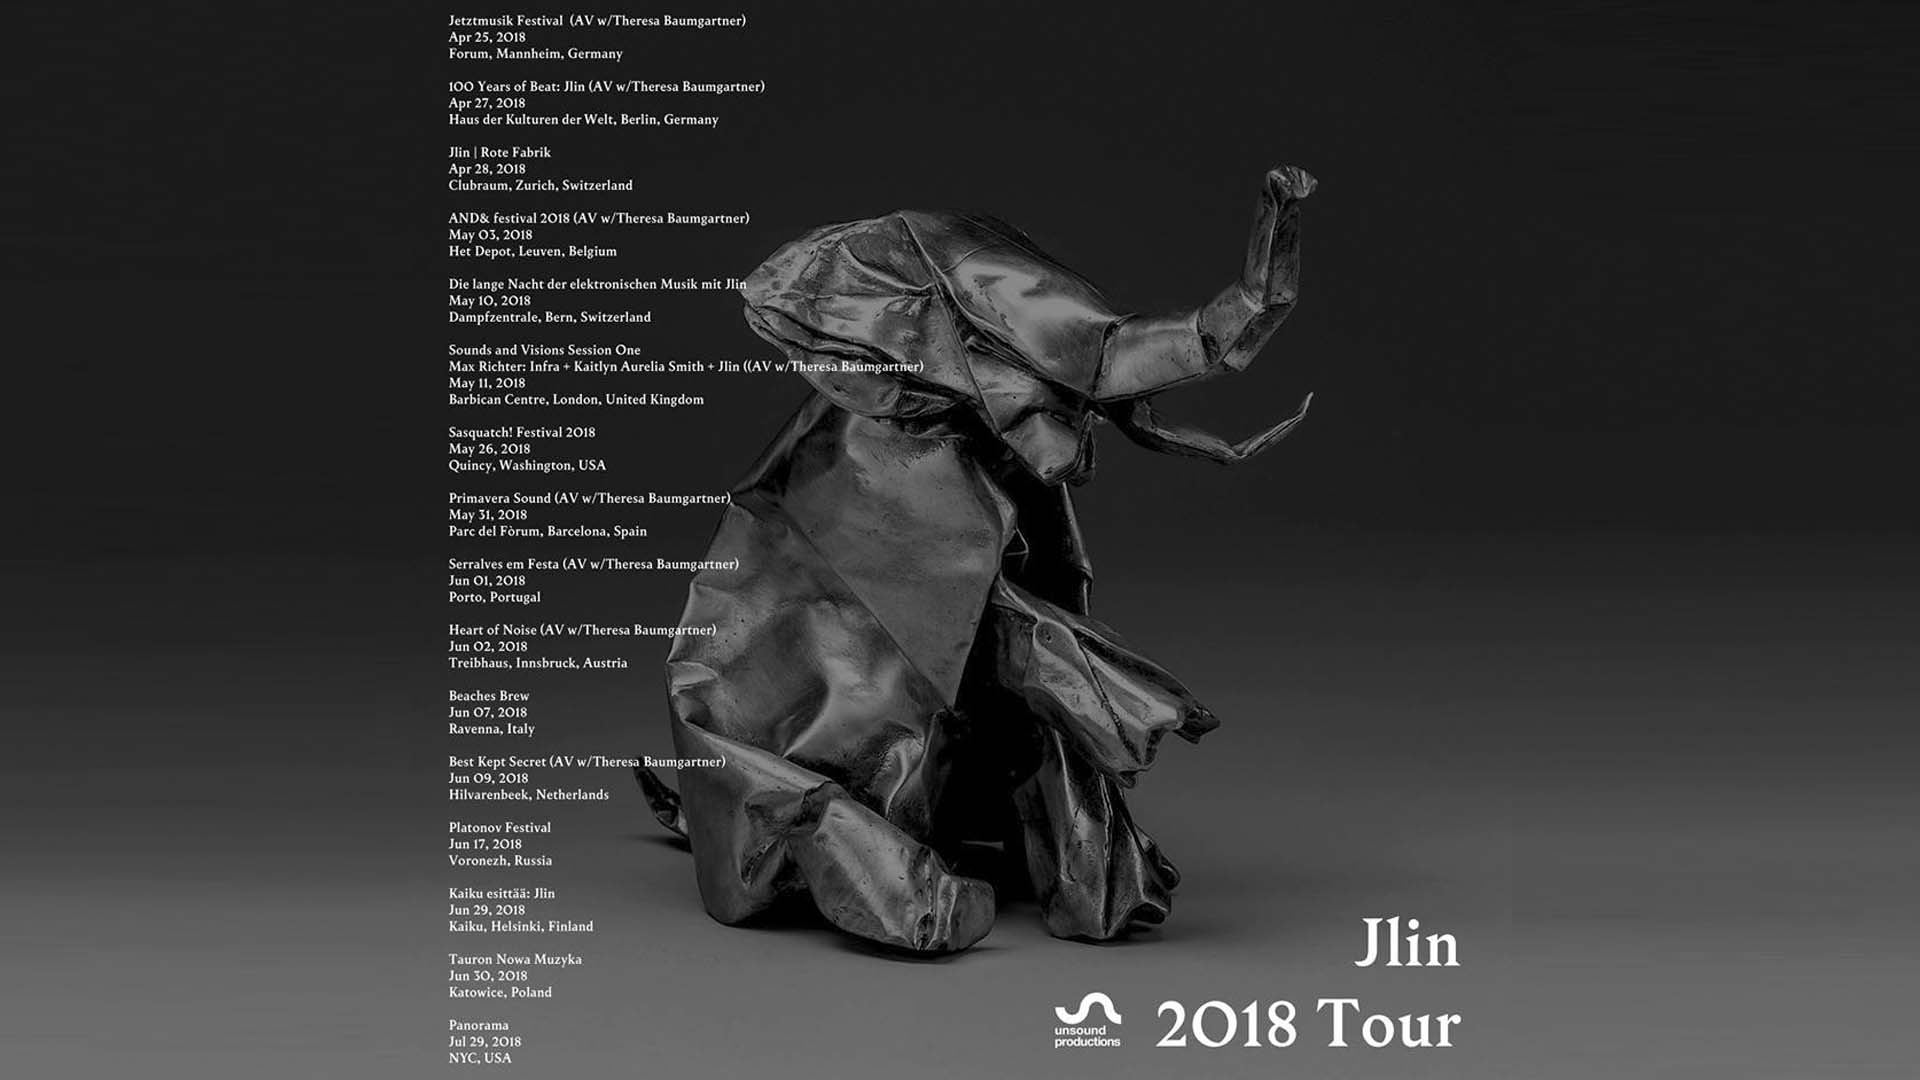 JLIN_Tour_Dates_2